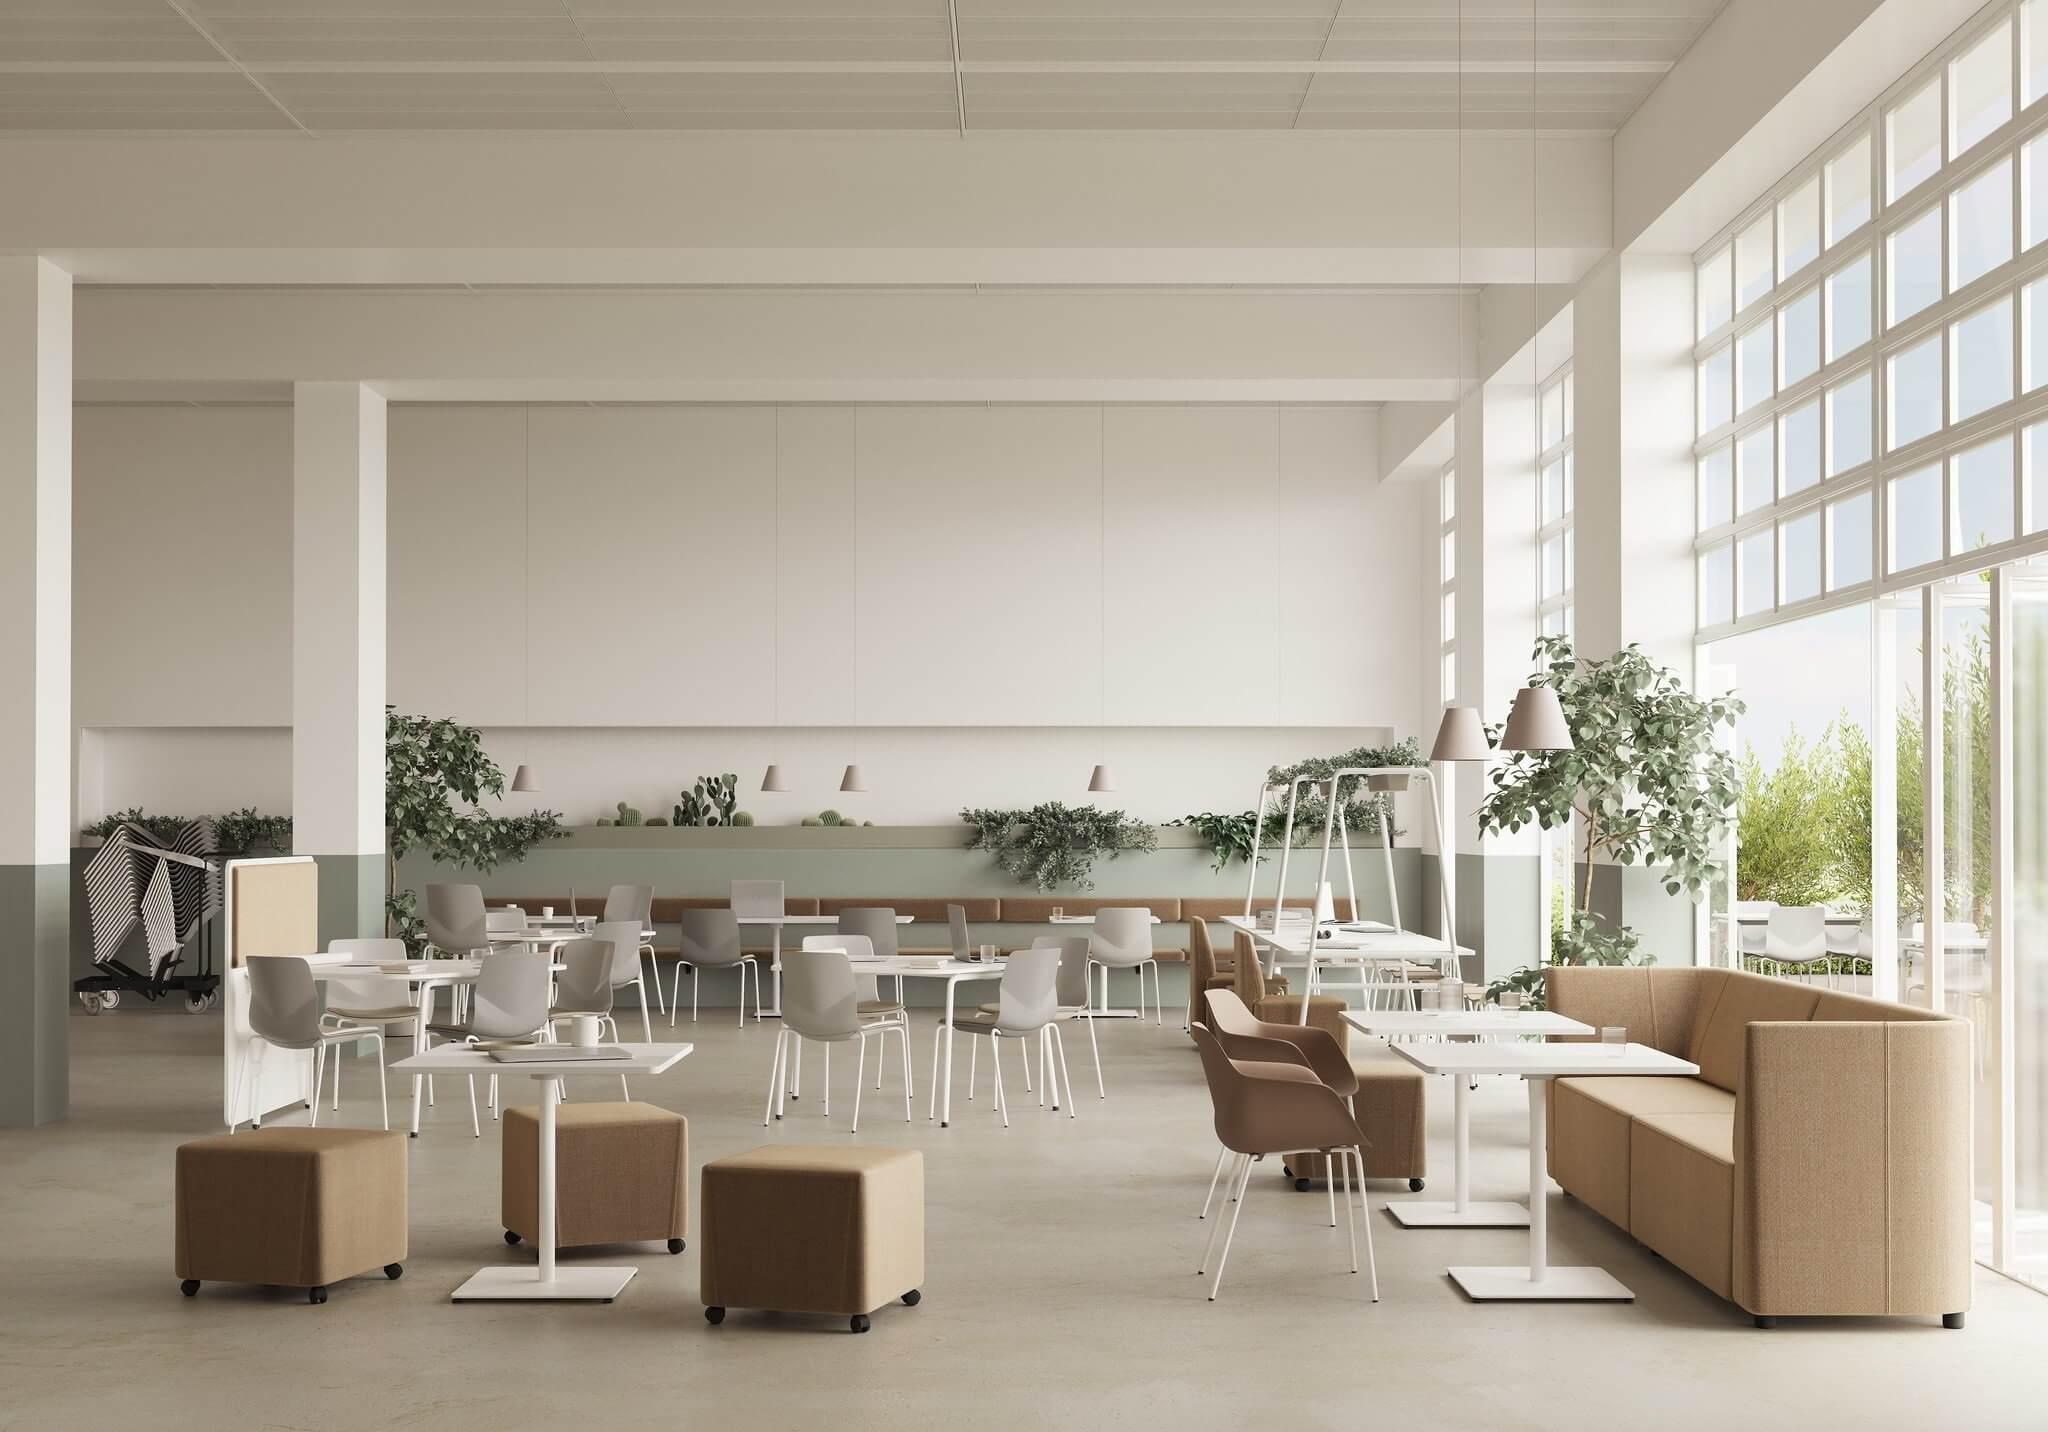 Mobilier design ARCHE pour espace collaboratif végétalisée.